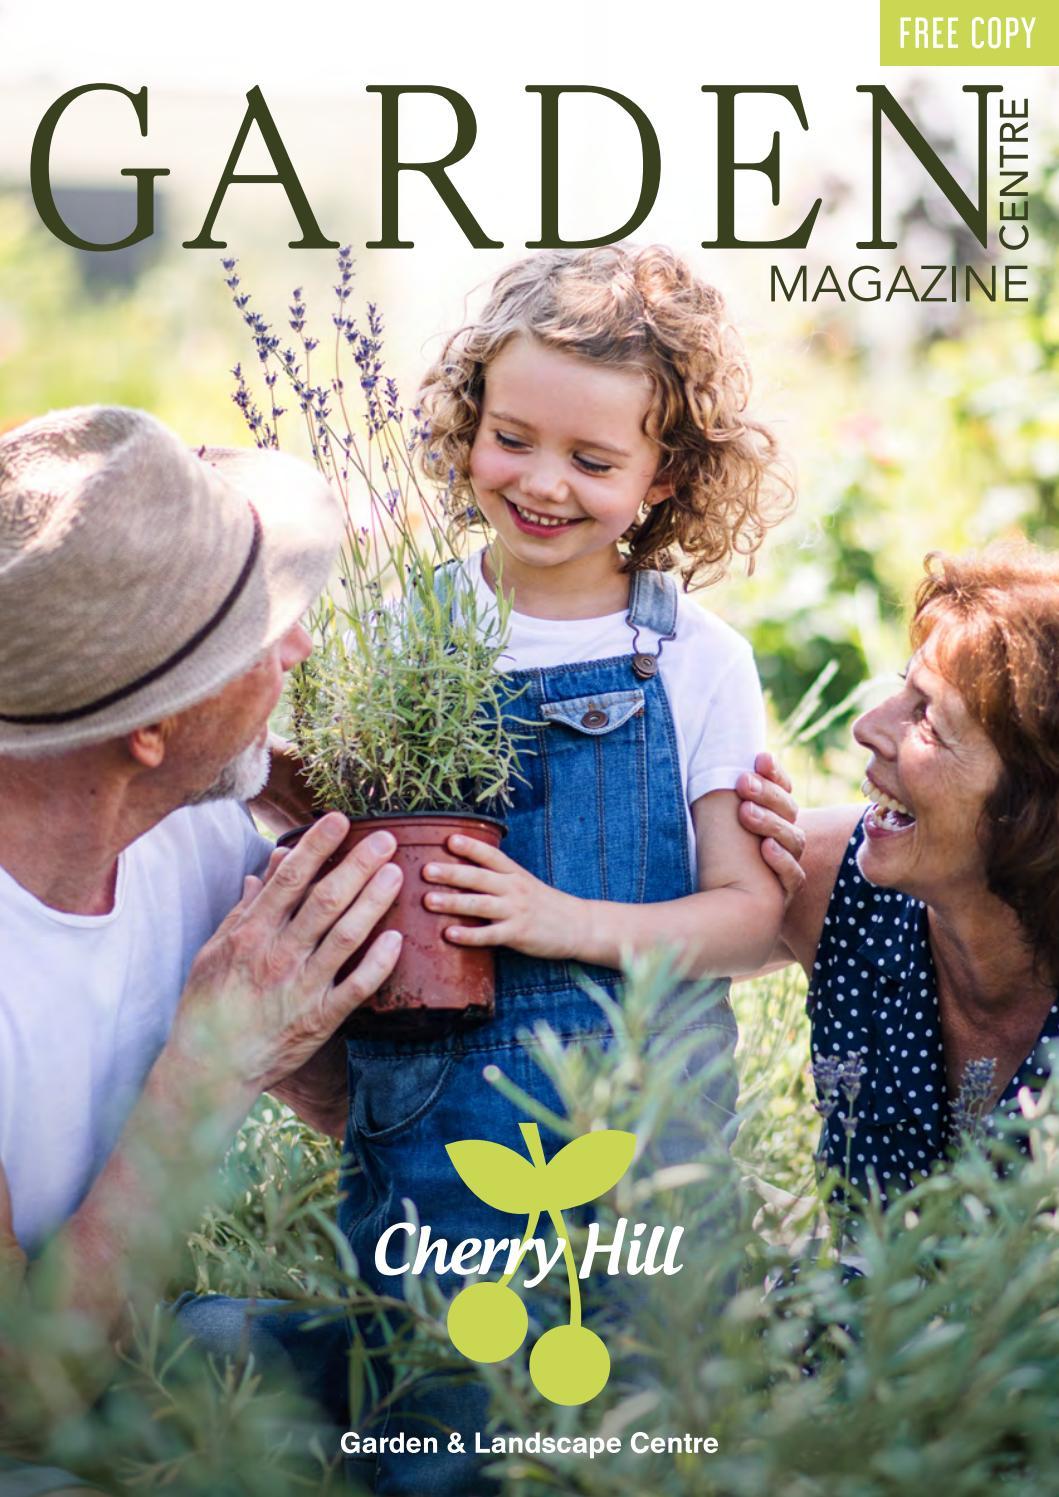 Cherry Hill Garden Centre Magazine By Yhg Media By Garden Centre Magazine Issuu